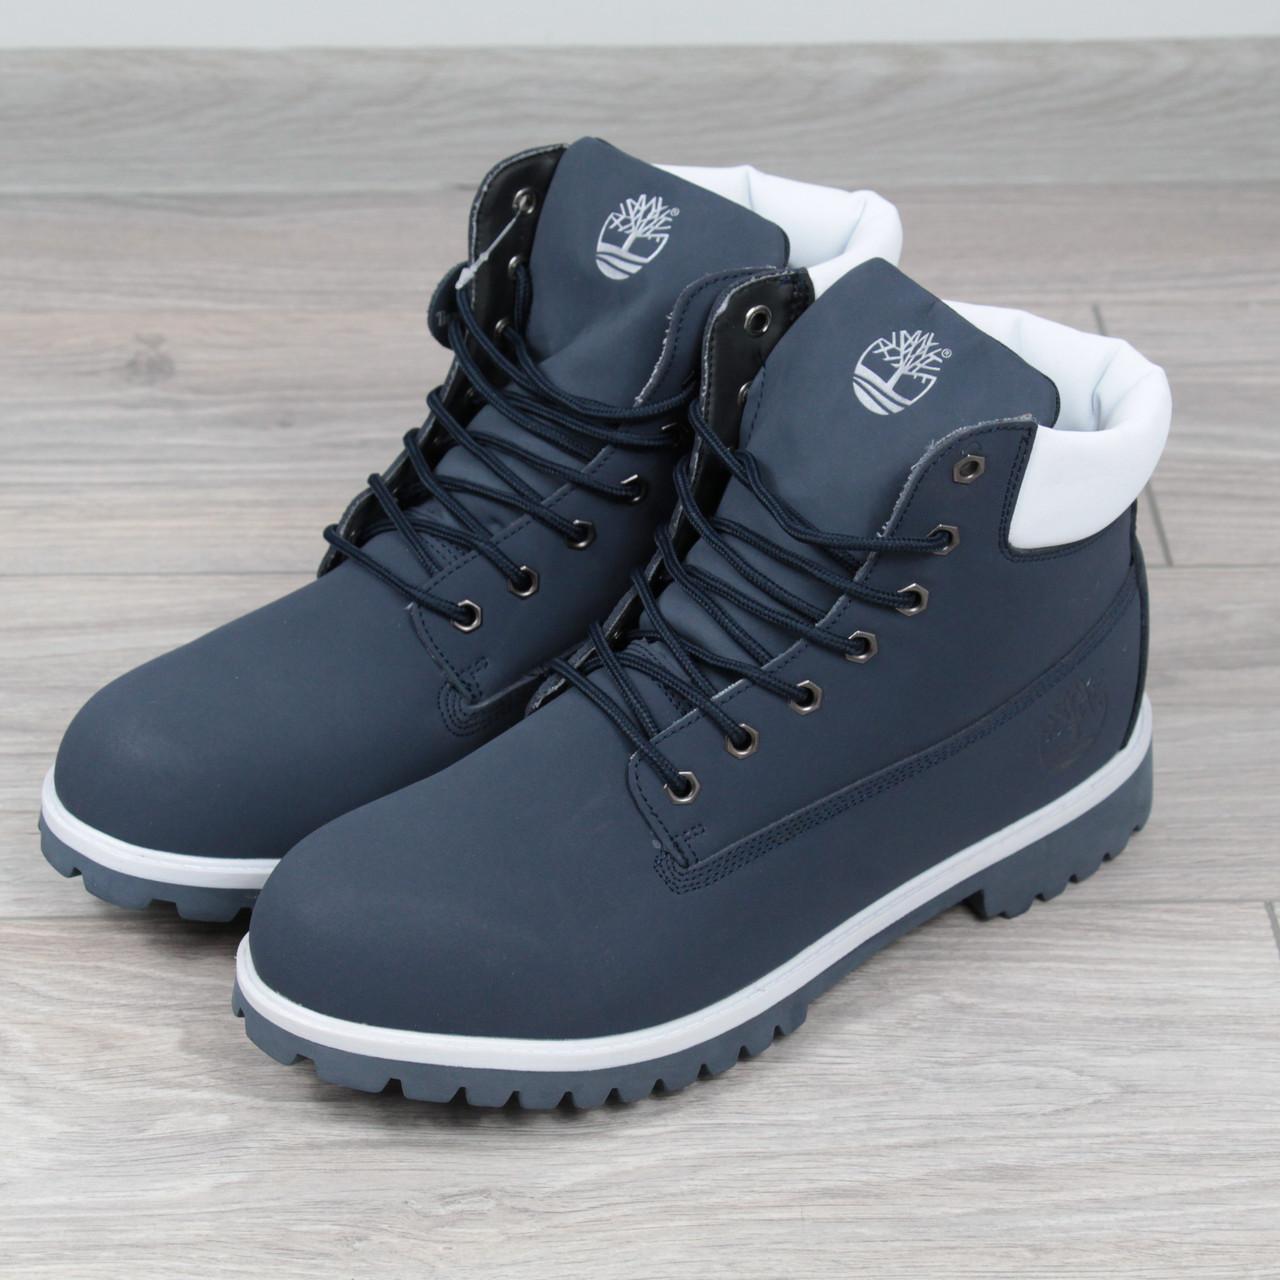 Ботинки Мужские зимние Timberland синие 67a0ce7c3b74a